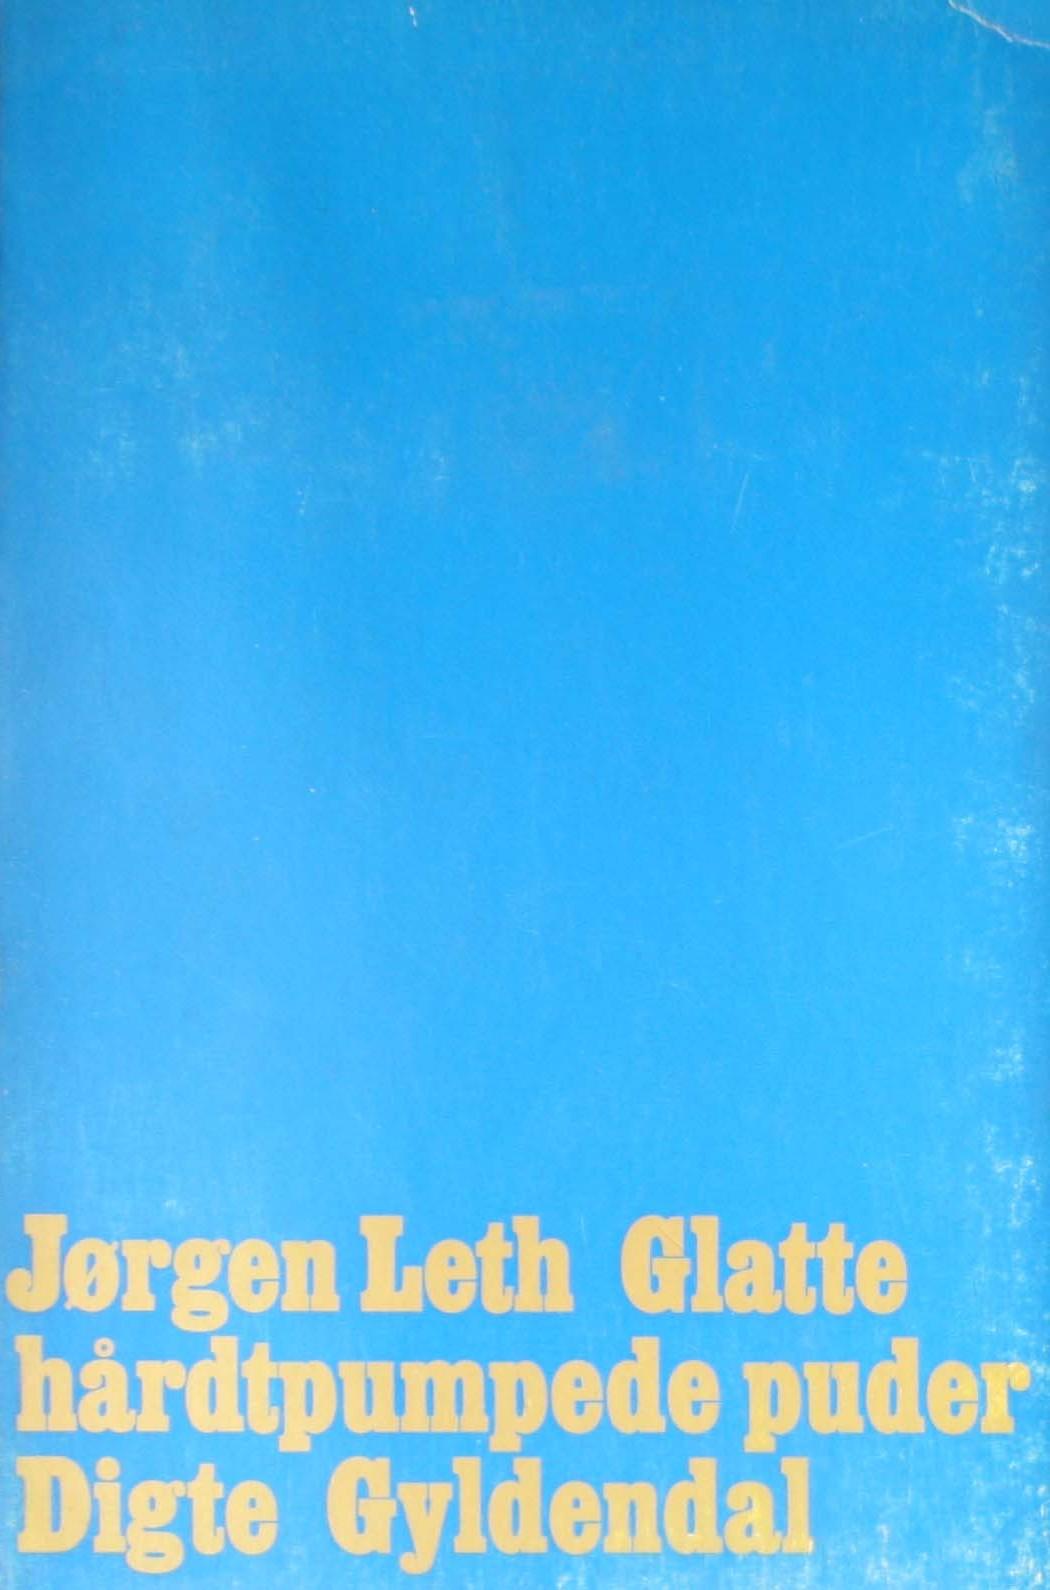 jørgen leth glatte hårdtpumpede puder digte første udgave